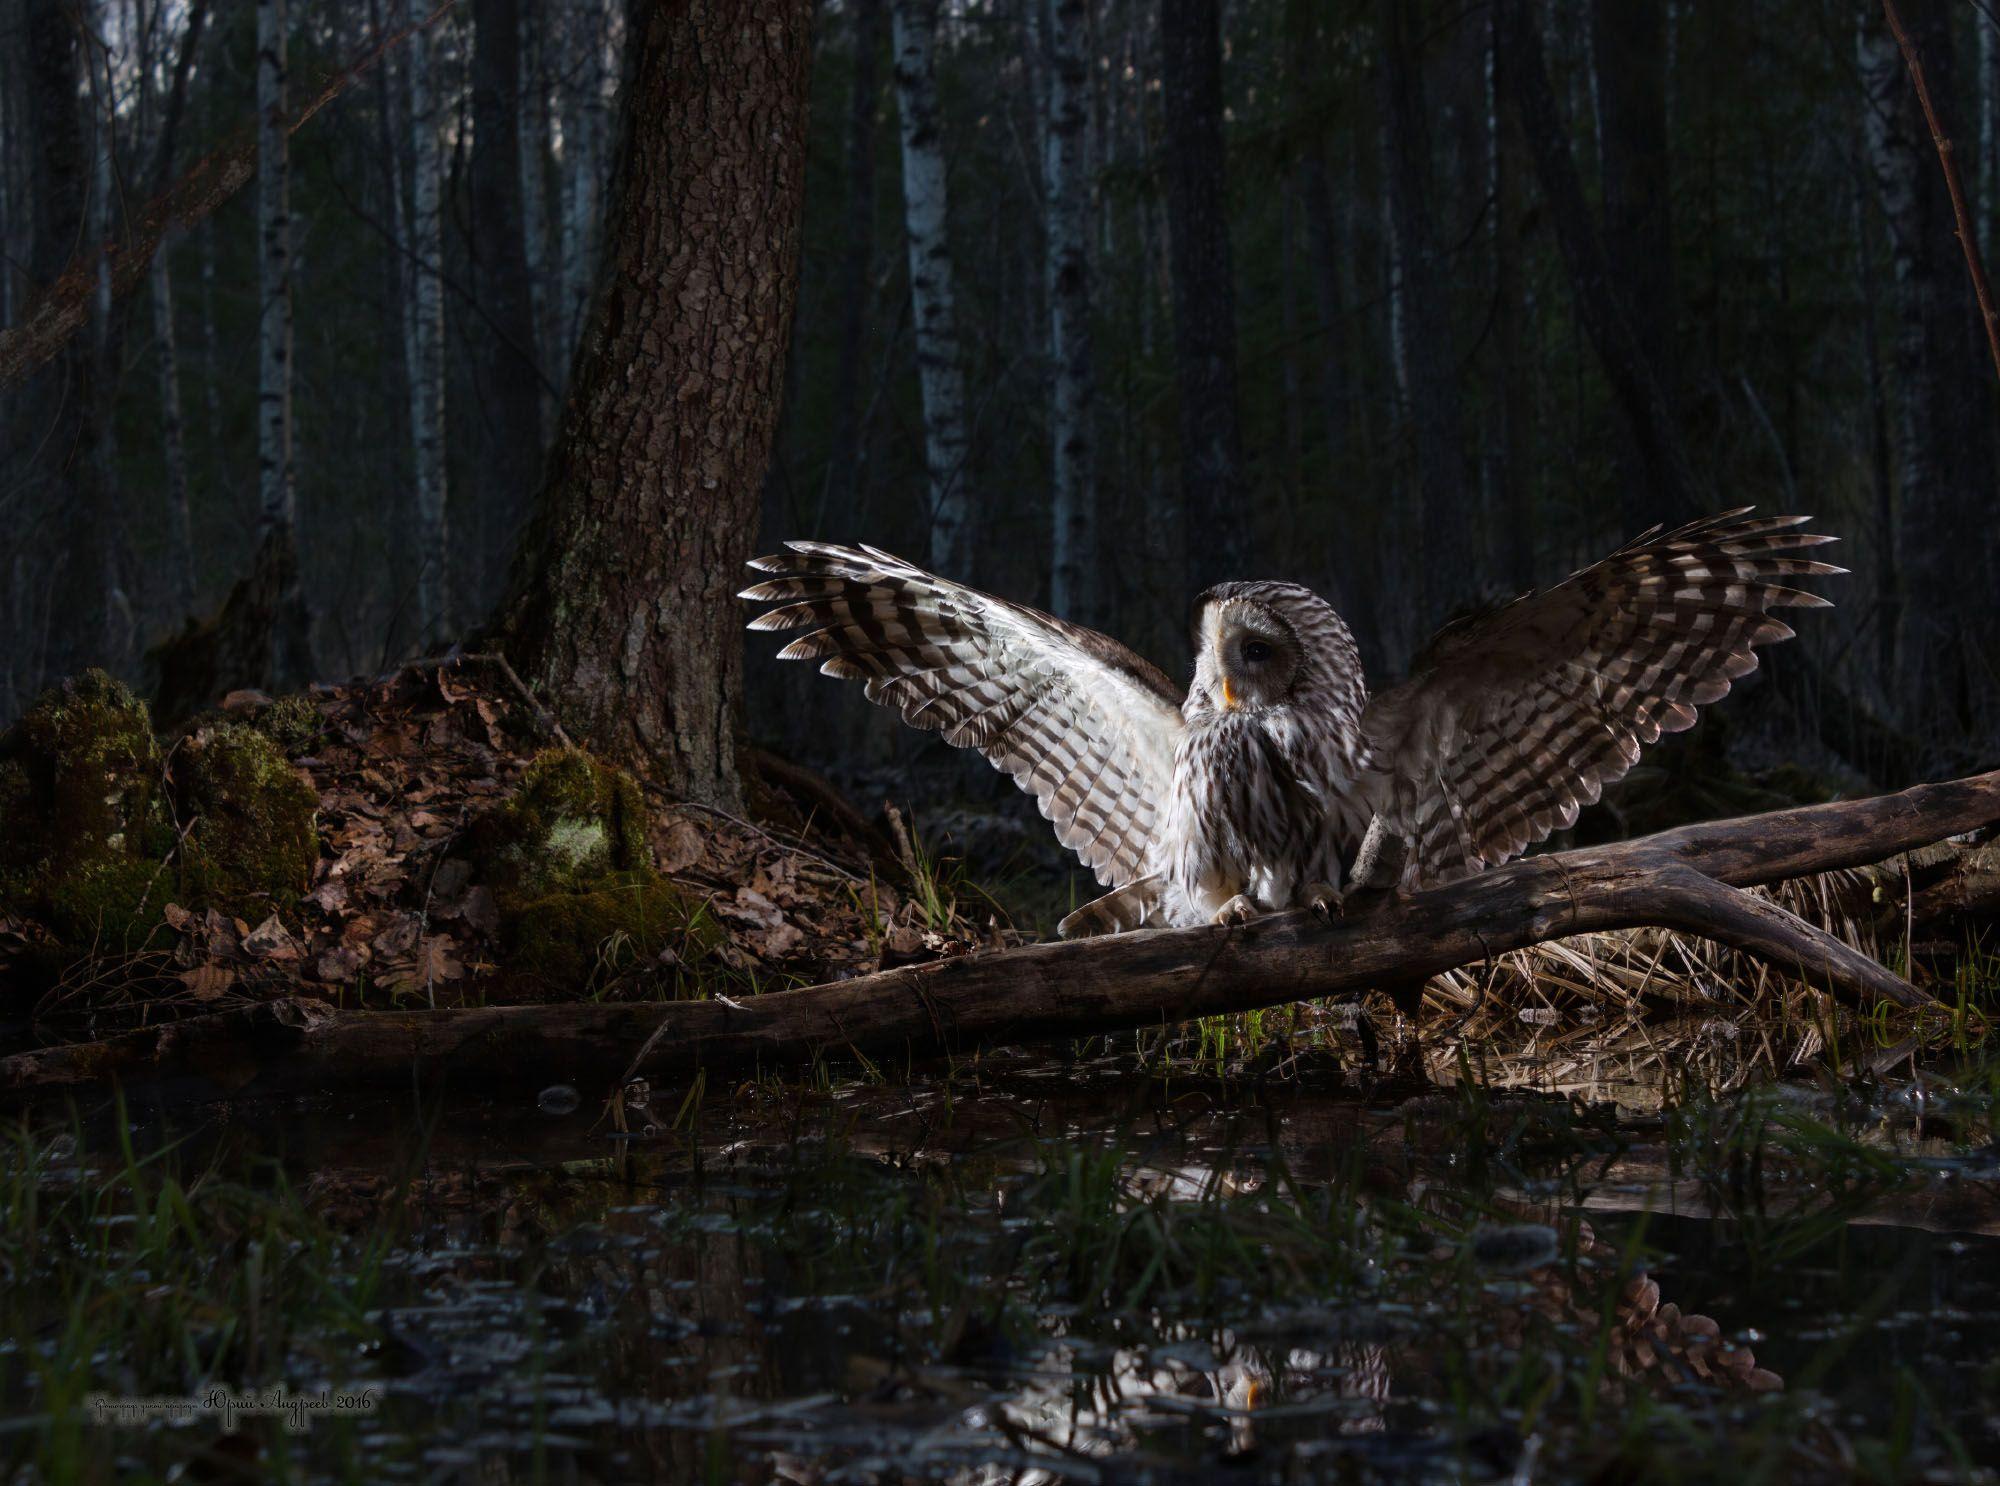 неясыть длиннохвостая, ural owl, сумерки, лес, Юрий Андреев